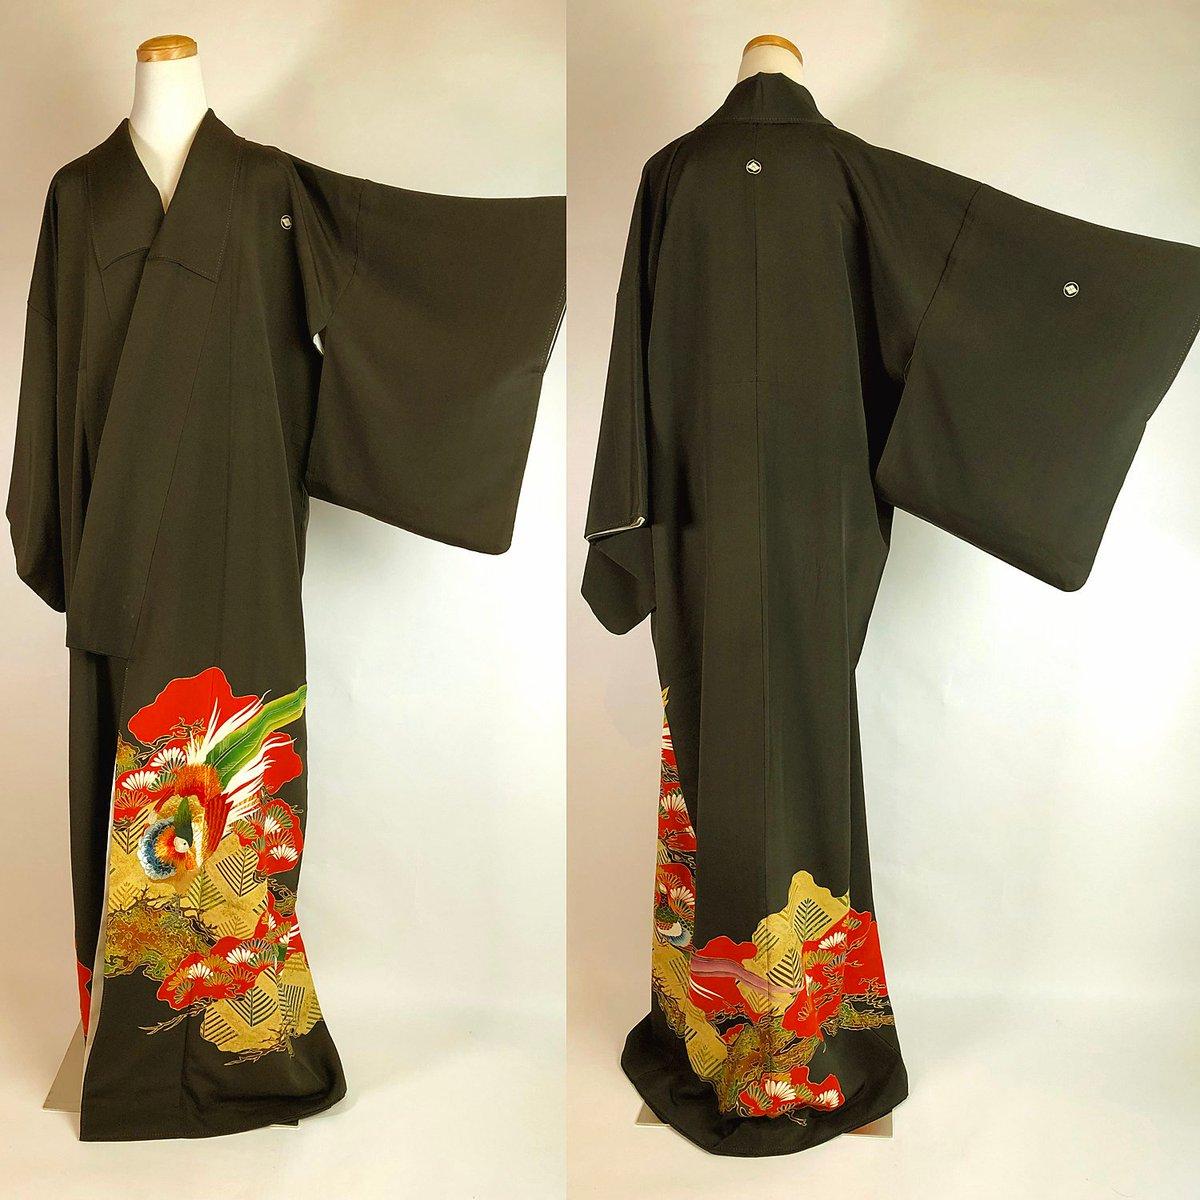 e48e8335a ... Kuro Tomesode Kimono Vintage https://etsy.me/2r4mu6T #clothing #costume  #women #black #red #kimono #yuzenzome #tomesode  #japanpic.twitter.com/MsRikjFKK4